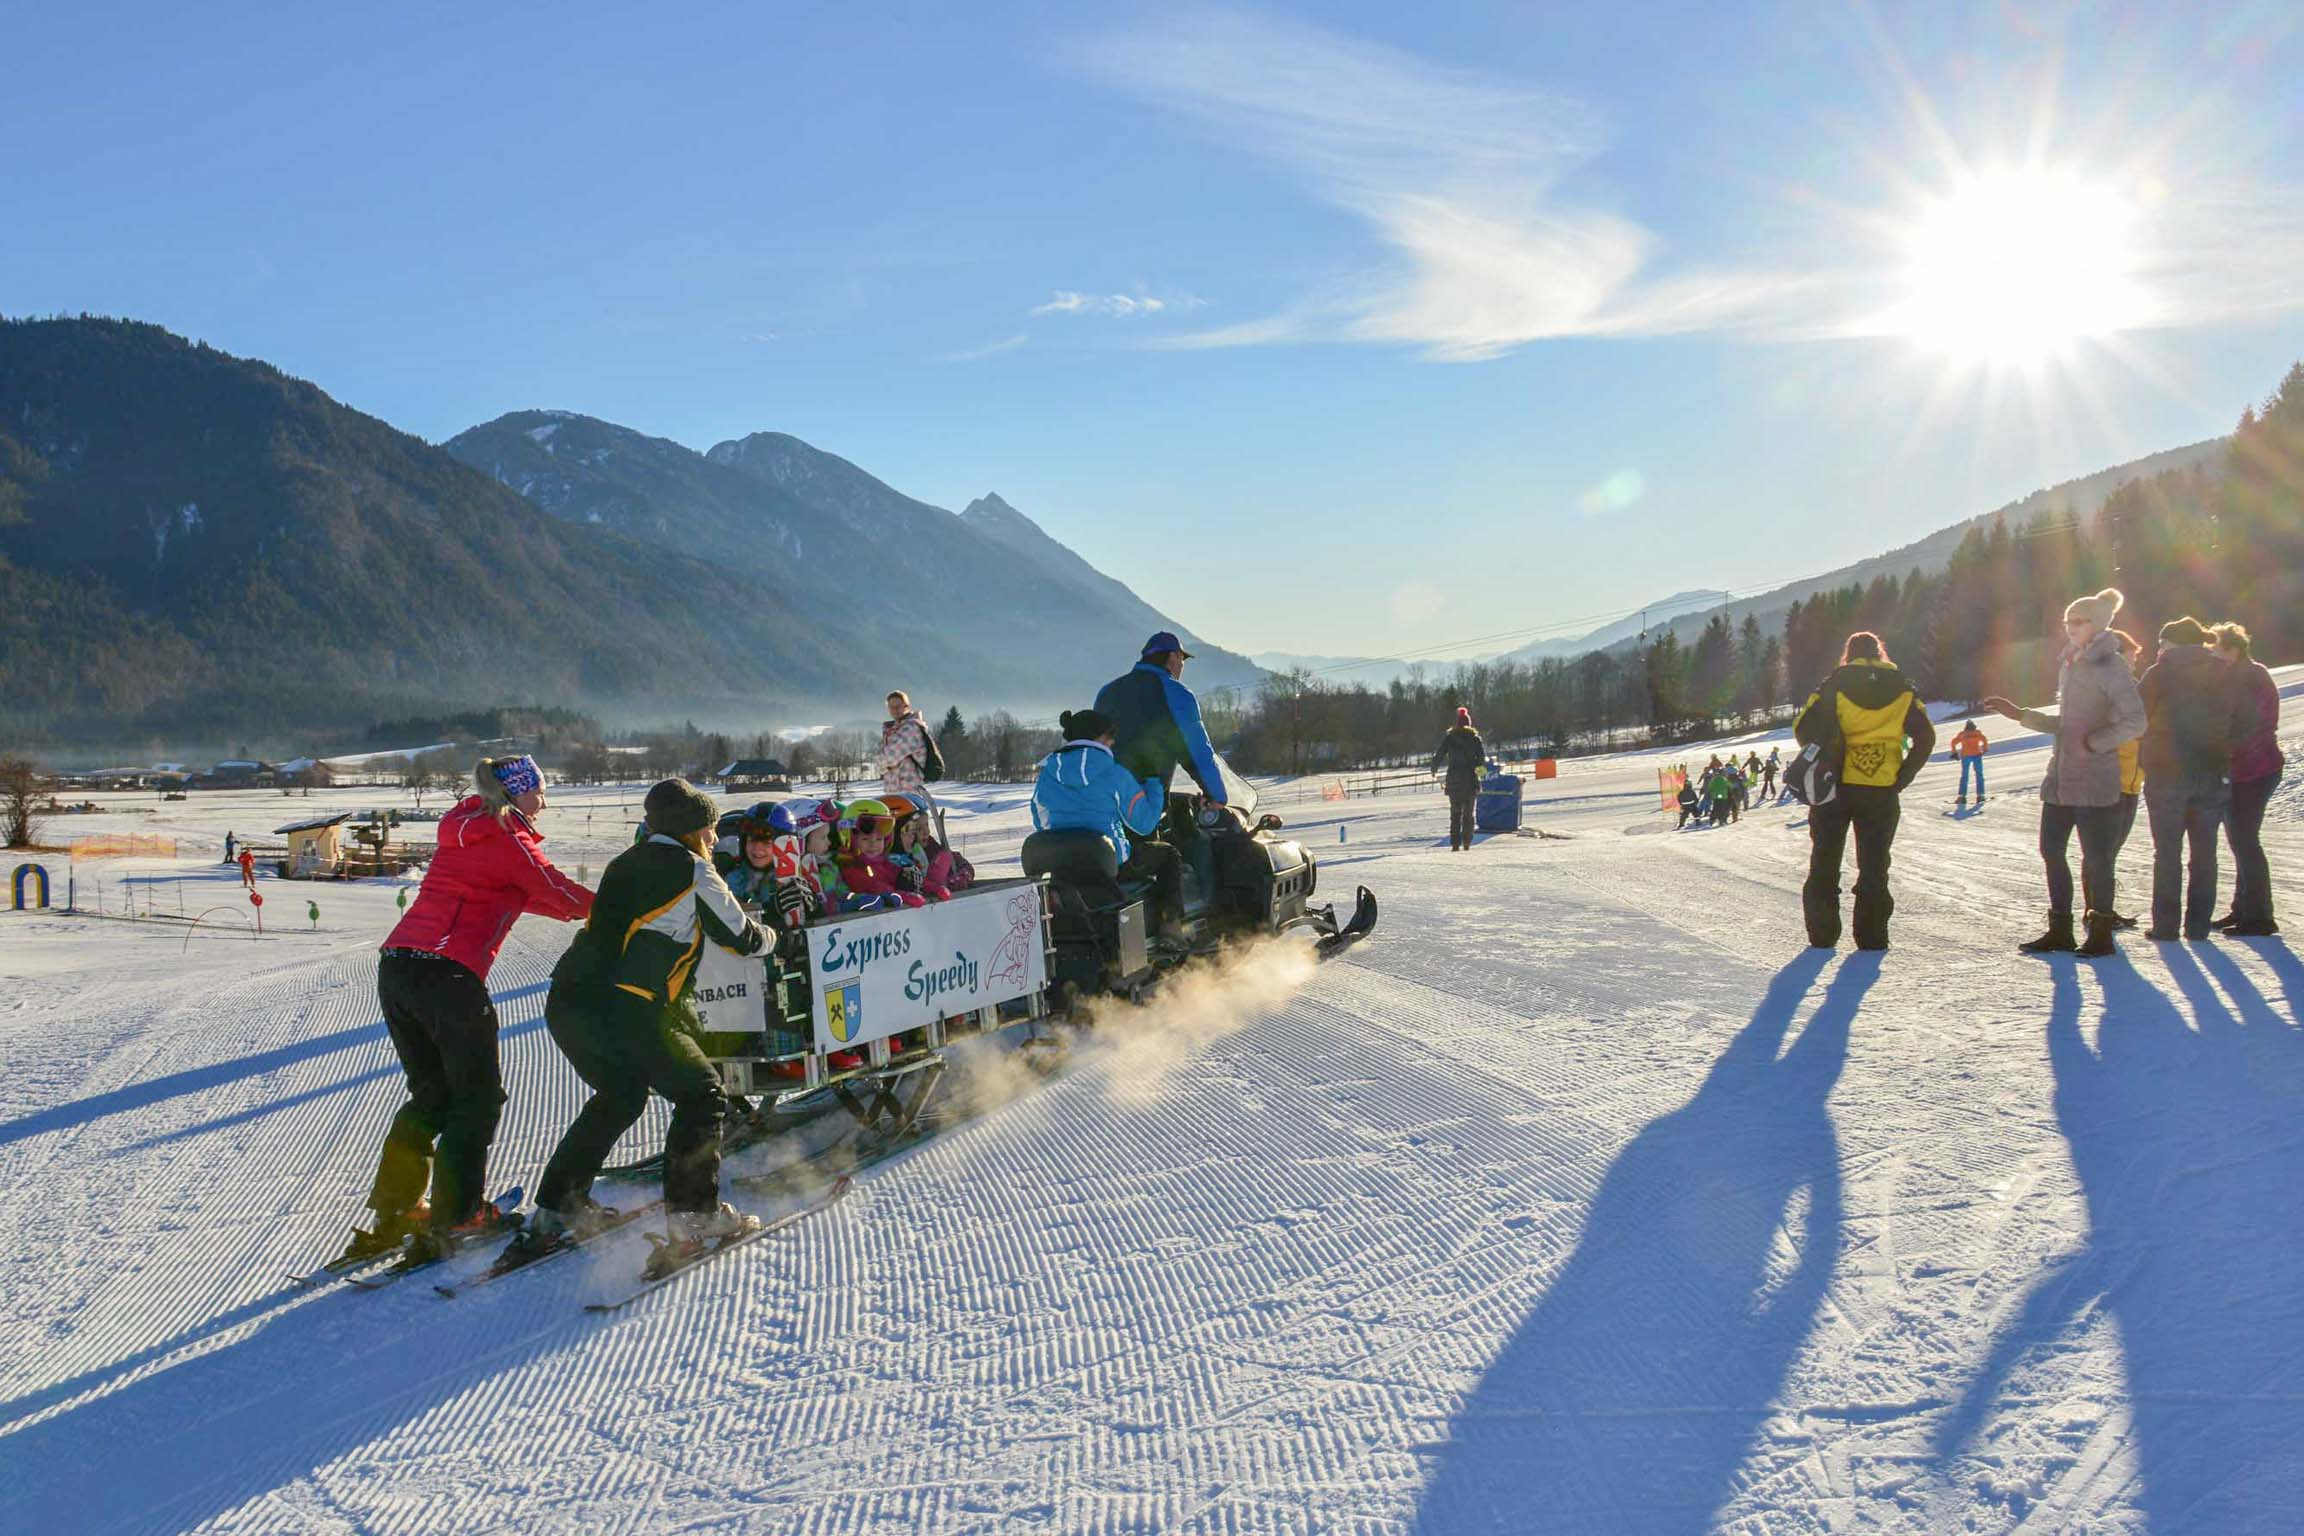 Skiverleih & Skischule Flaschberger |  Weissbriach | Kärnten